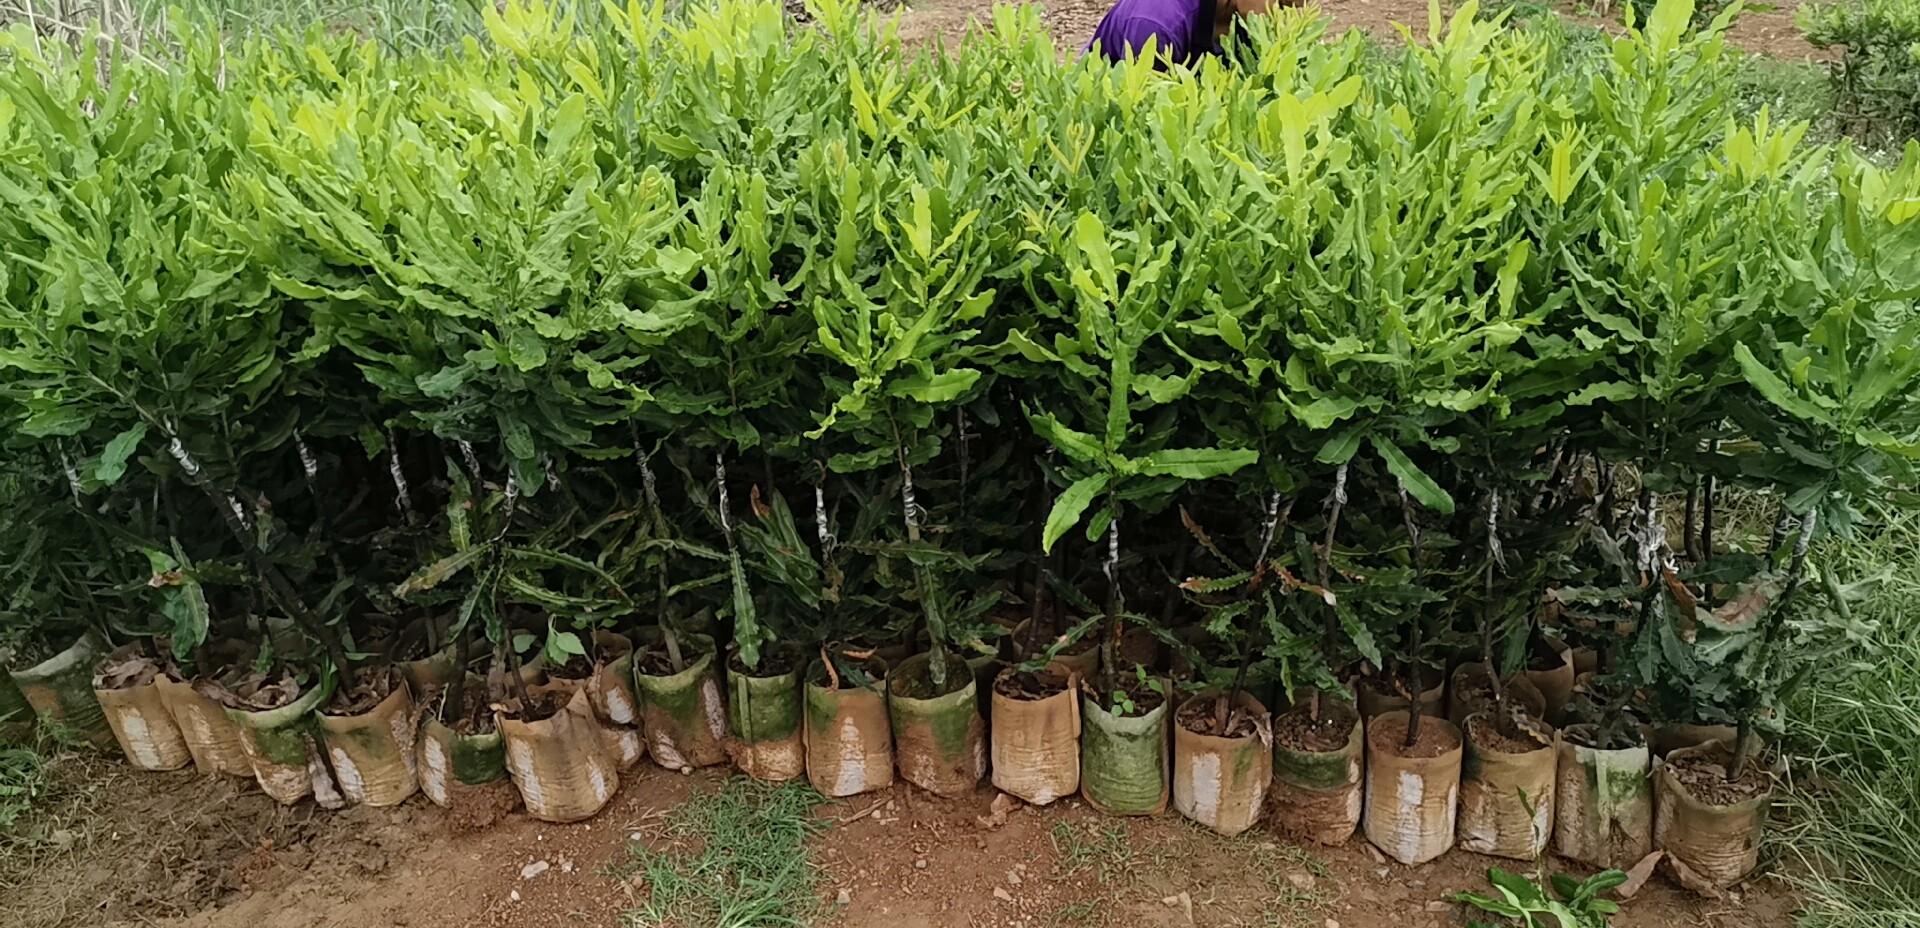 【桂热一号】澳洲坚果苗 夏威夷果树苗 种植基地直销坚果嫁接苗